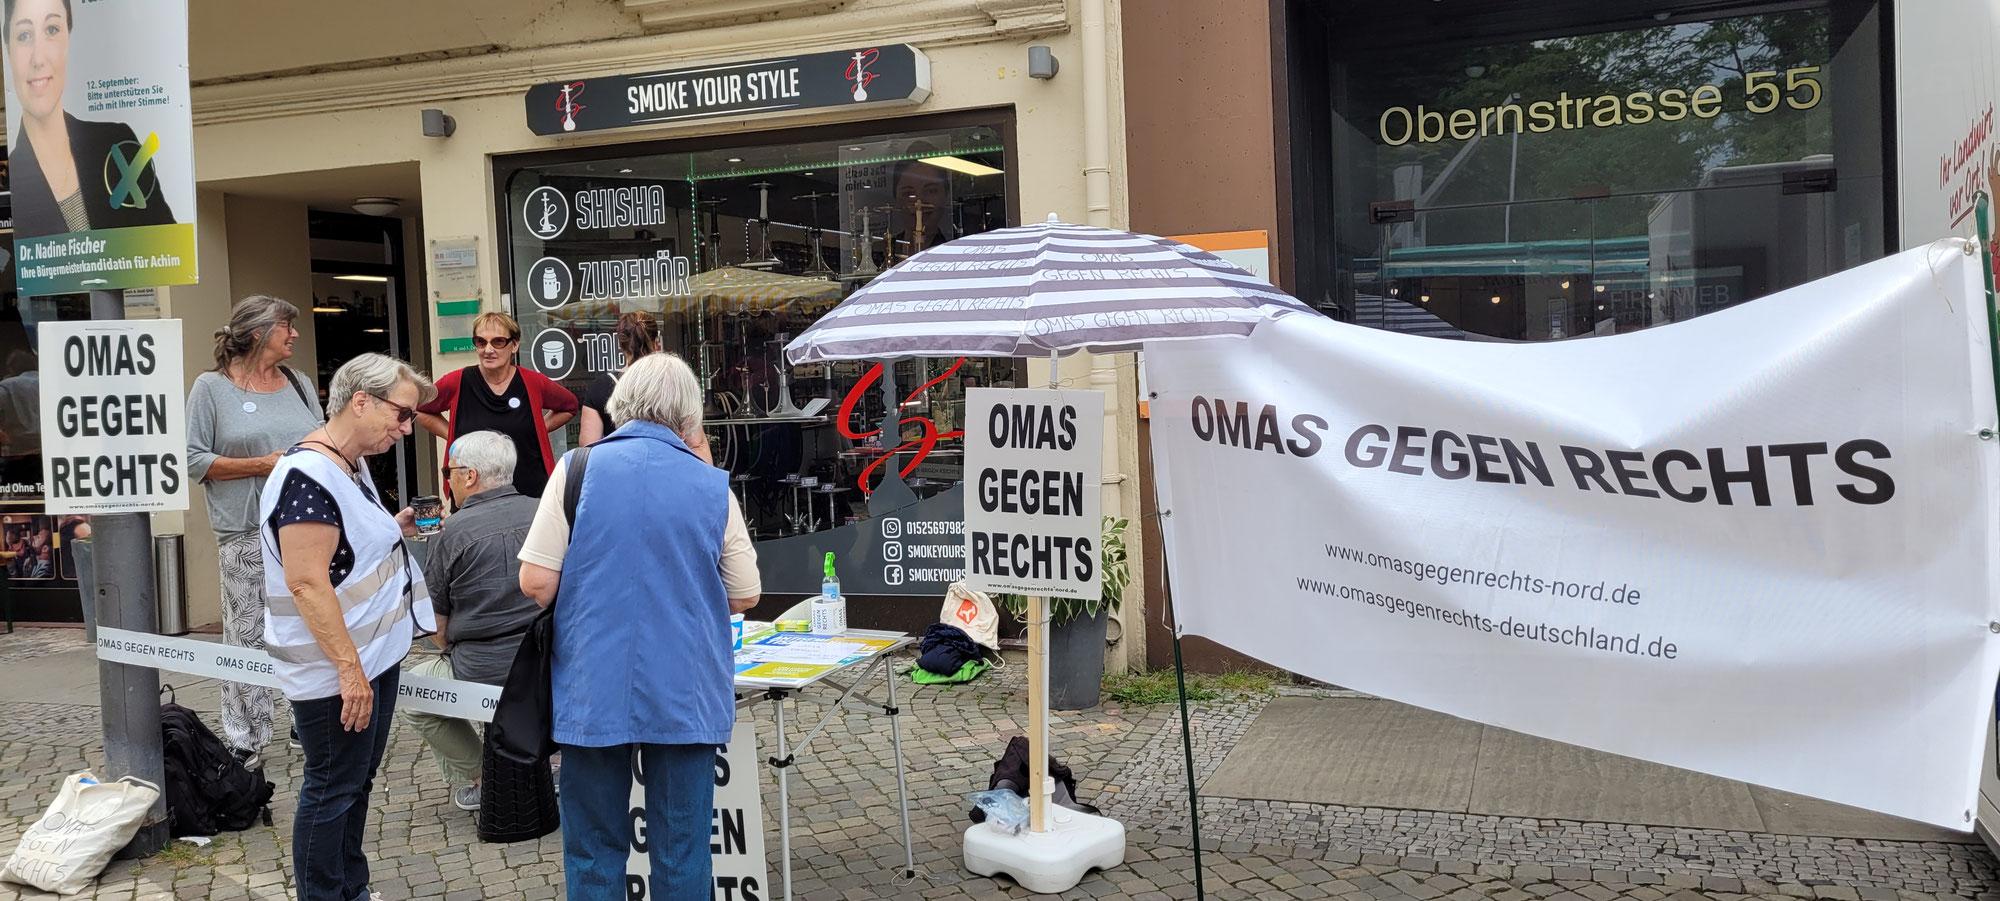 Achim:  OMAS GEGEN RECHTS auf dem Achimer Wochenmarkt